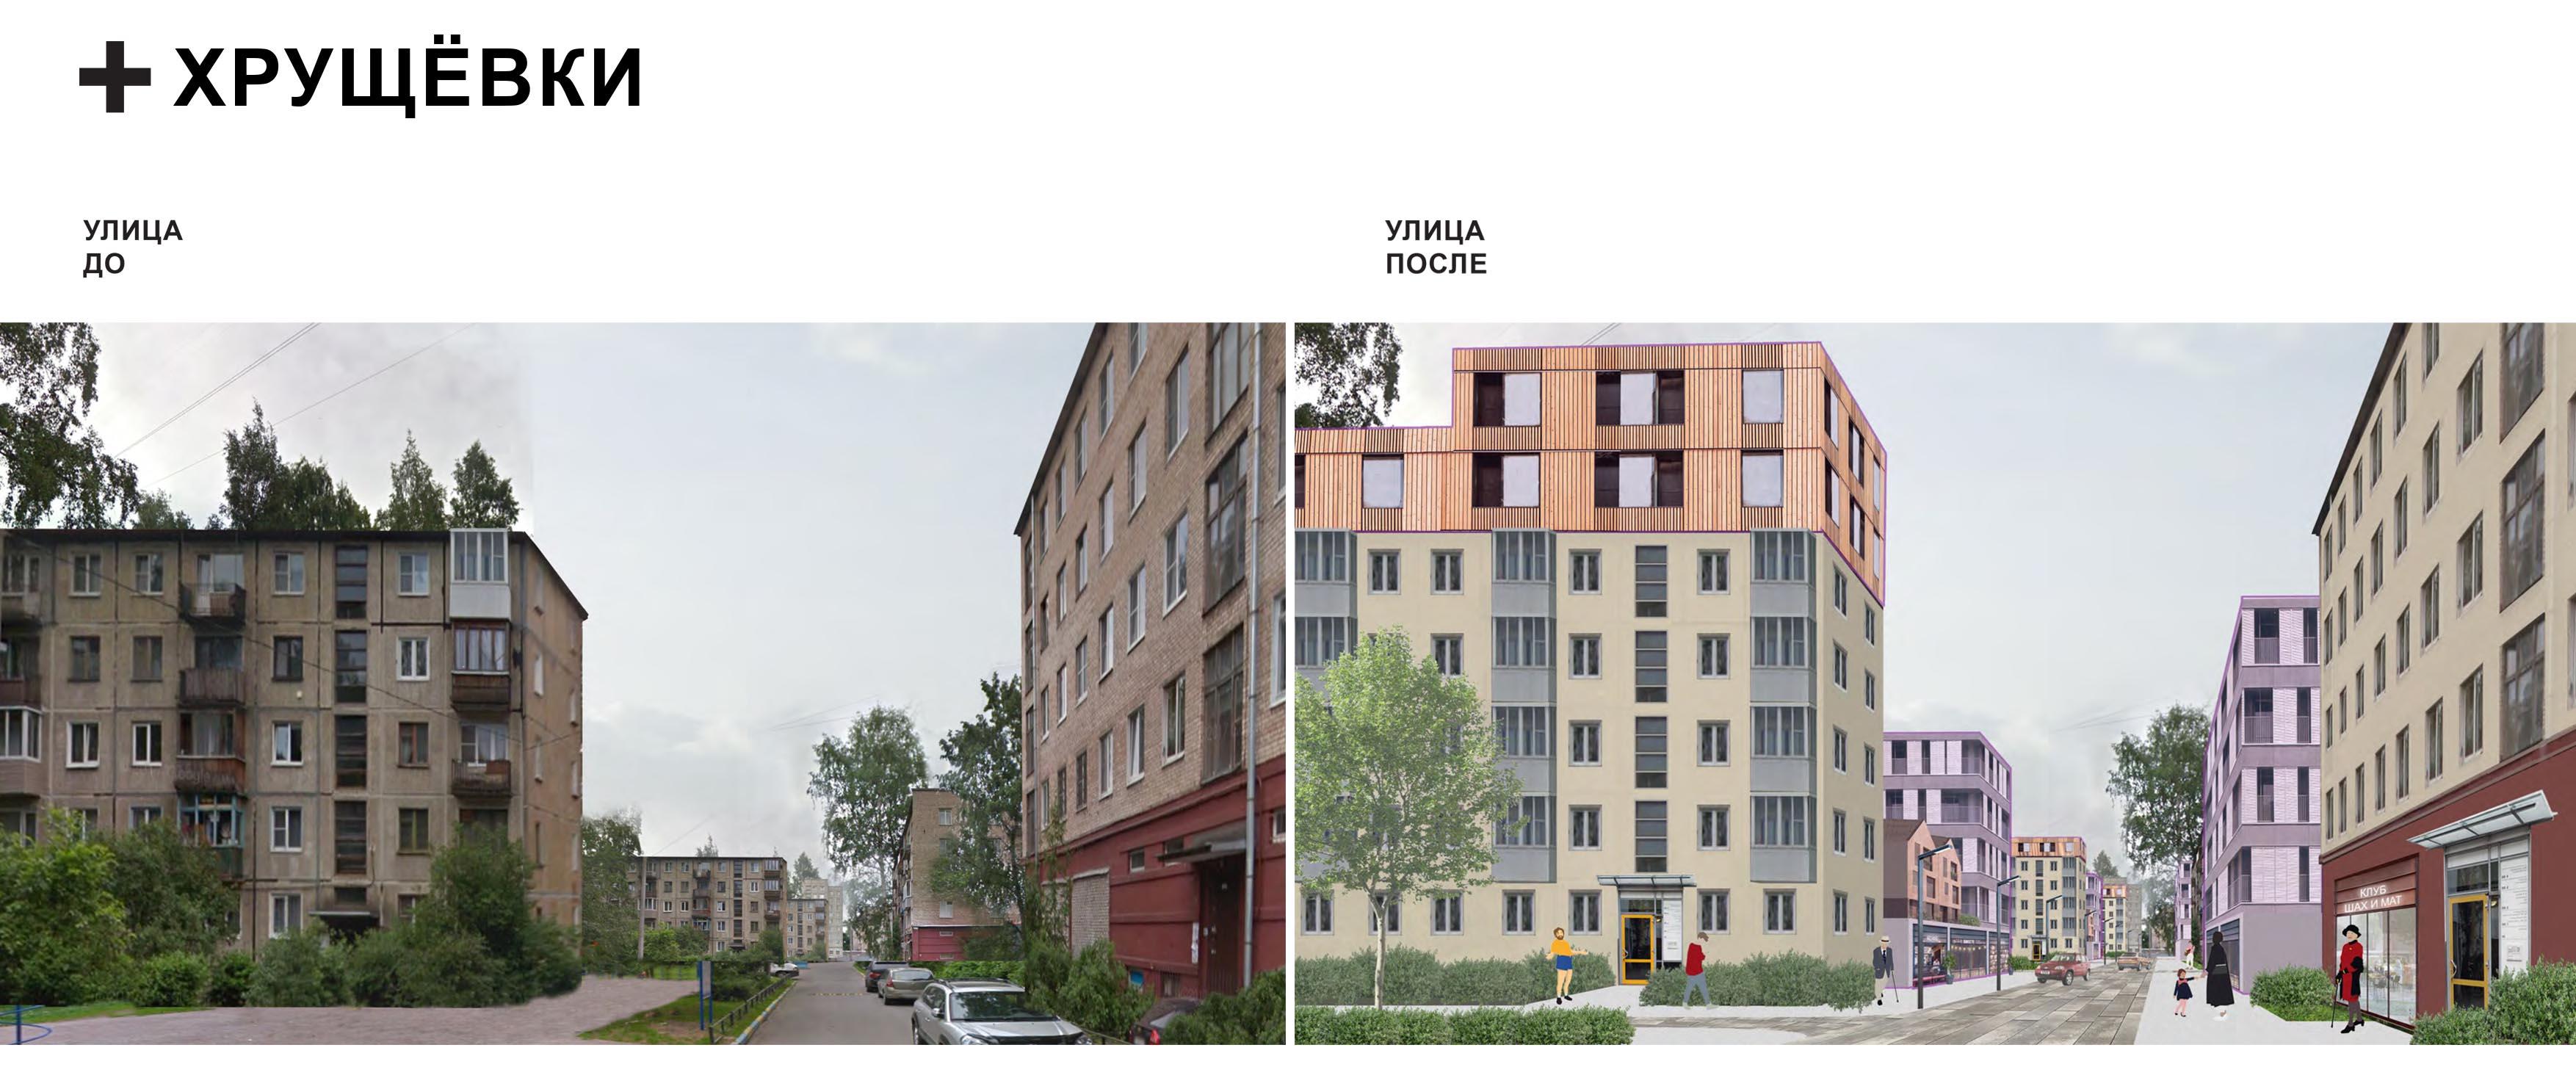 Кожне місто - цибулина: як доповнювати новим житлом існуючу забудову. Конспект лекції Яни Голубєвої